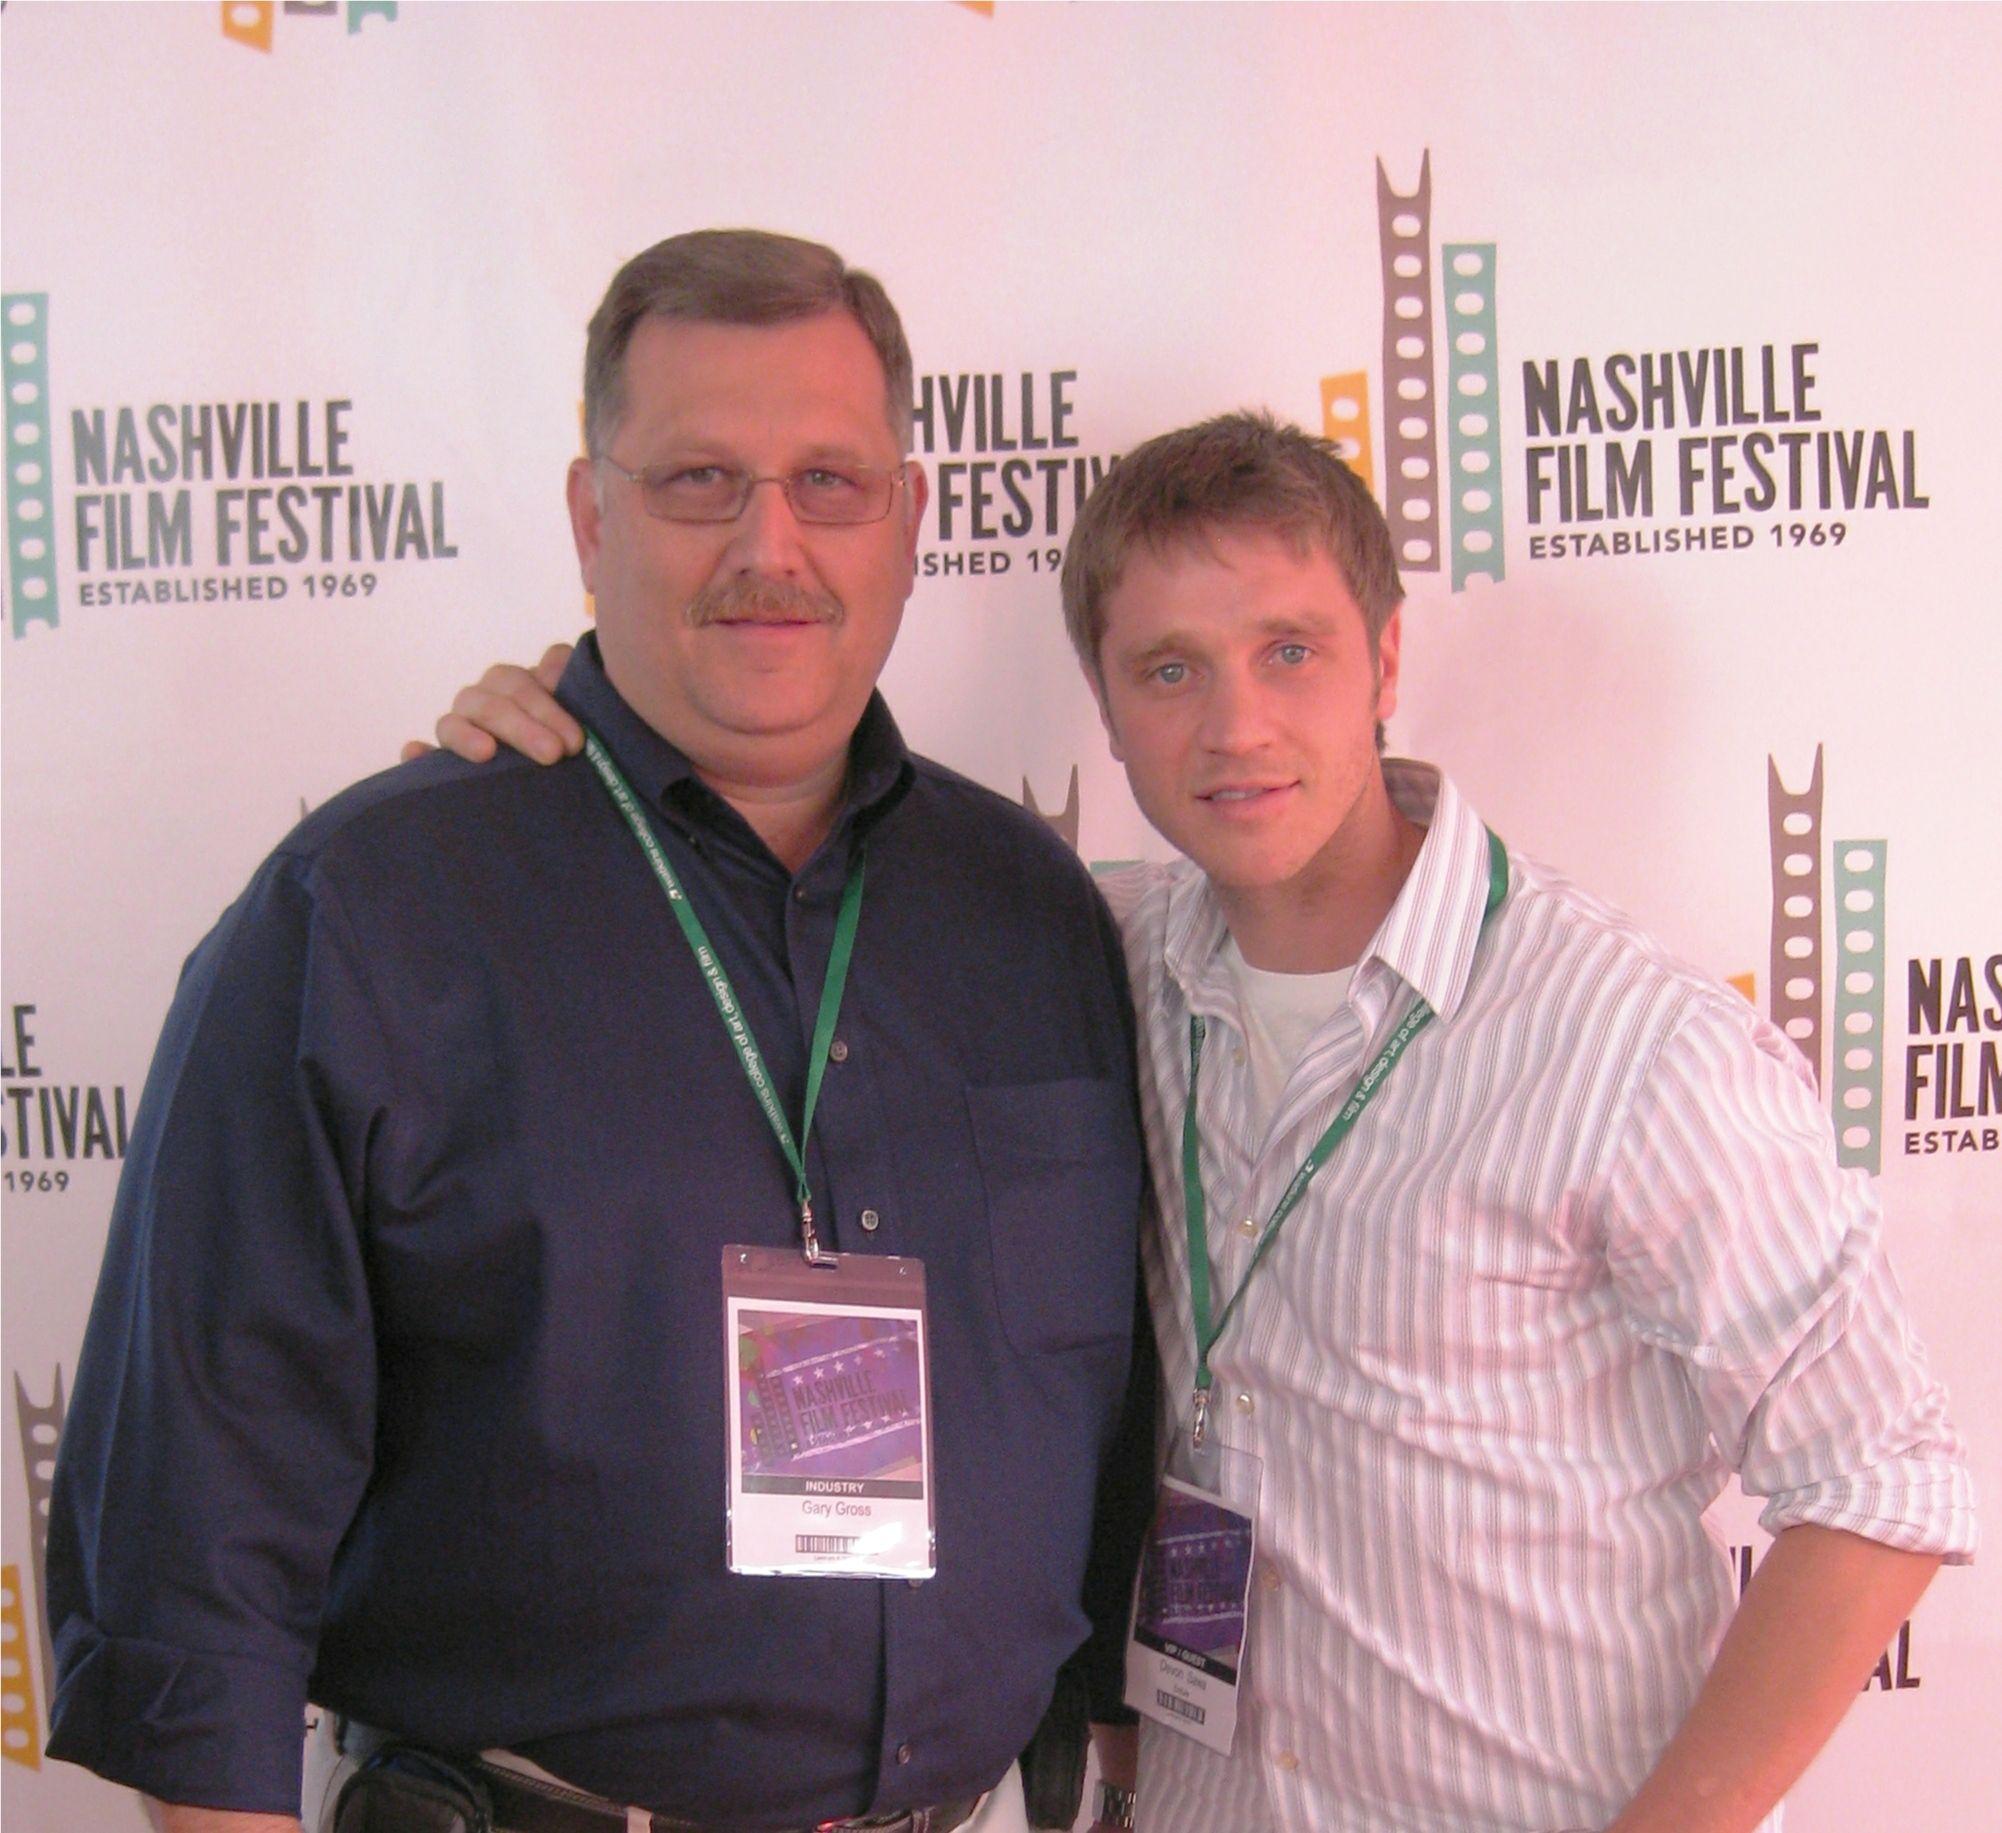 Devon sawa and i in nashville tn at a film festival